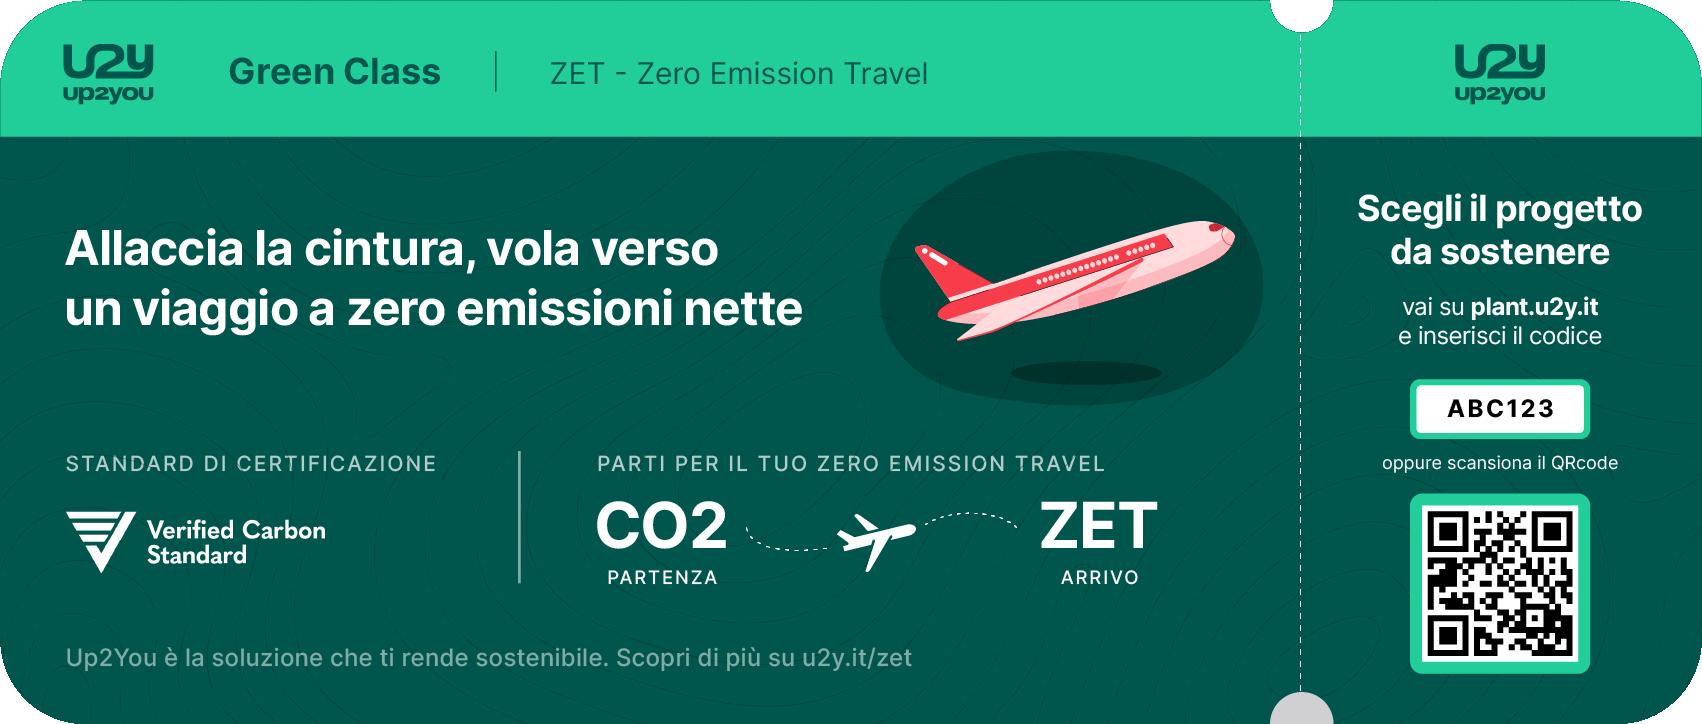 Boarding pass aereo per azzerare le emissioni nette di viaggio di lunga tratta e soggiorno